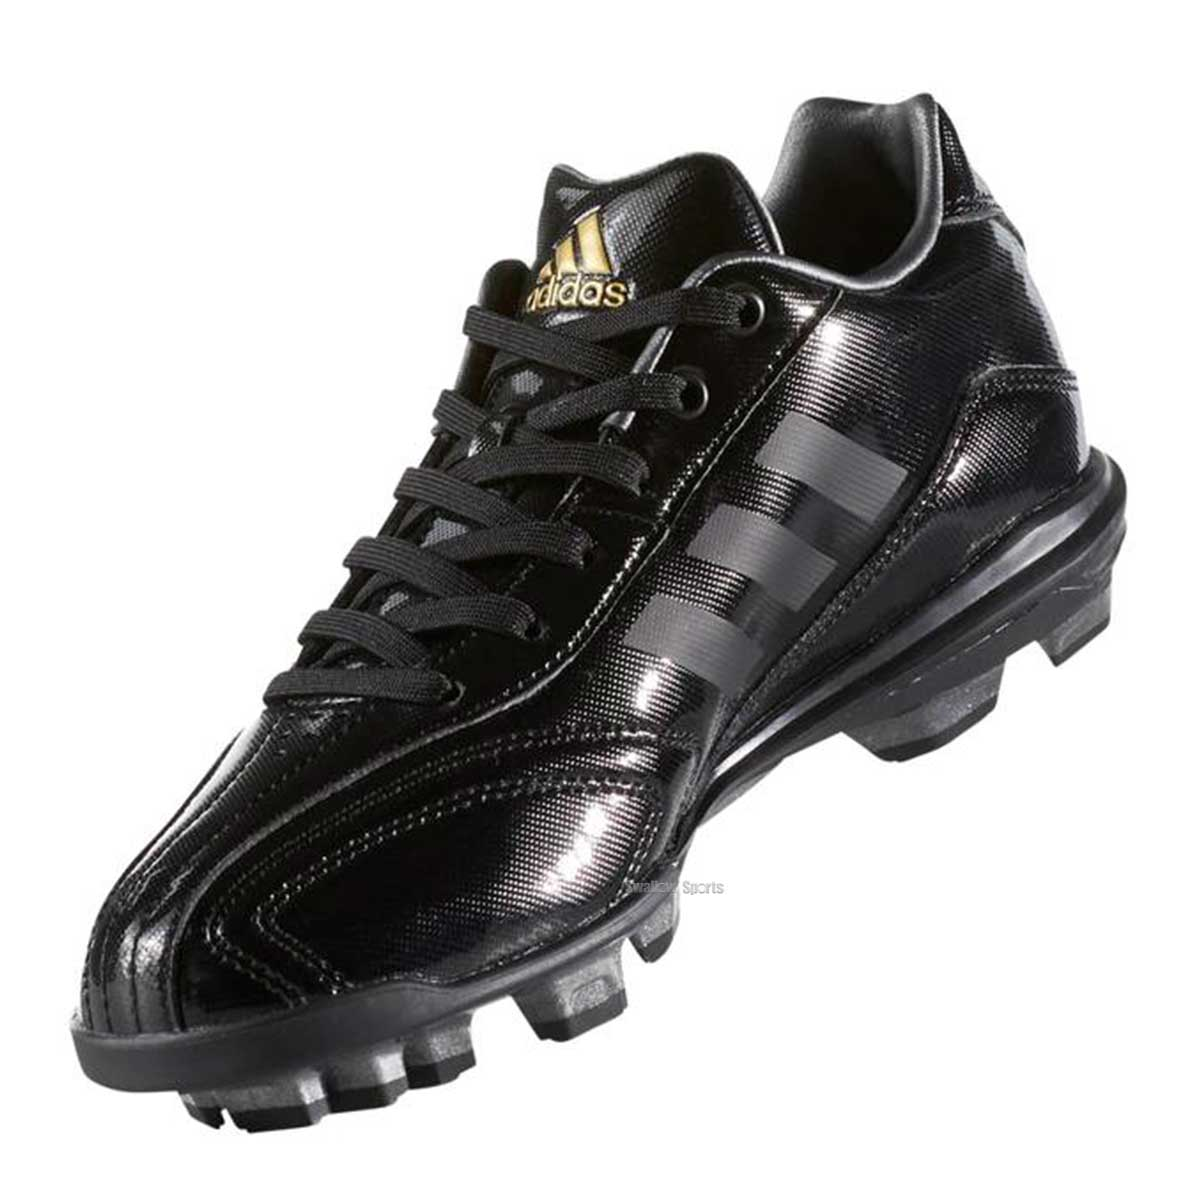 adidas アディダス アディピュア T3 K ポイント シューズ 少年用 AQ8361 靴 シューズ 野球部 野球用品 スワロースポーツ